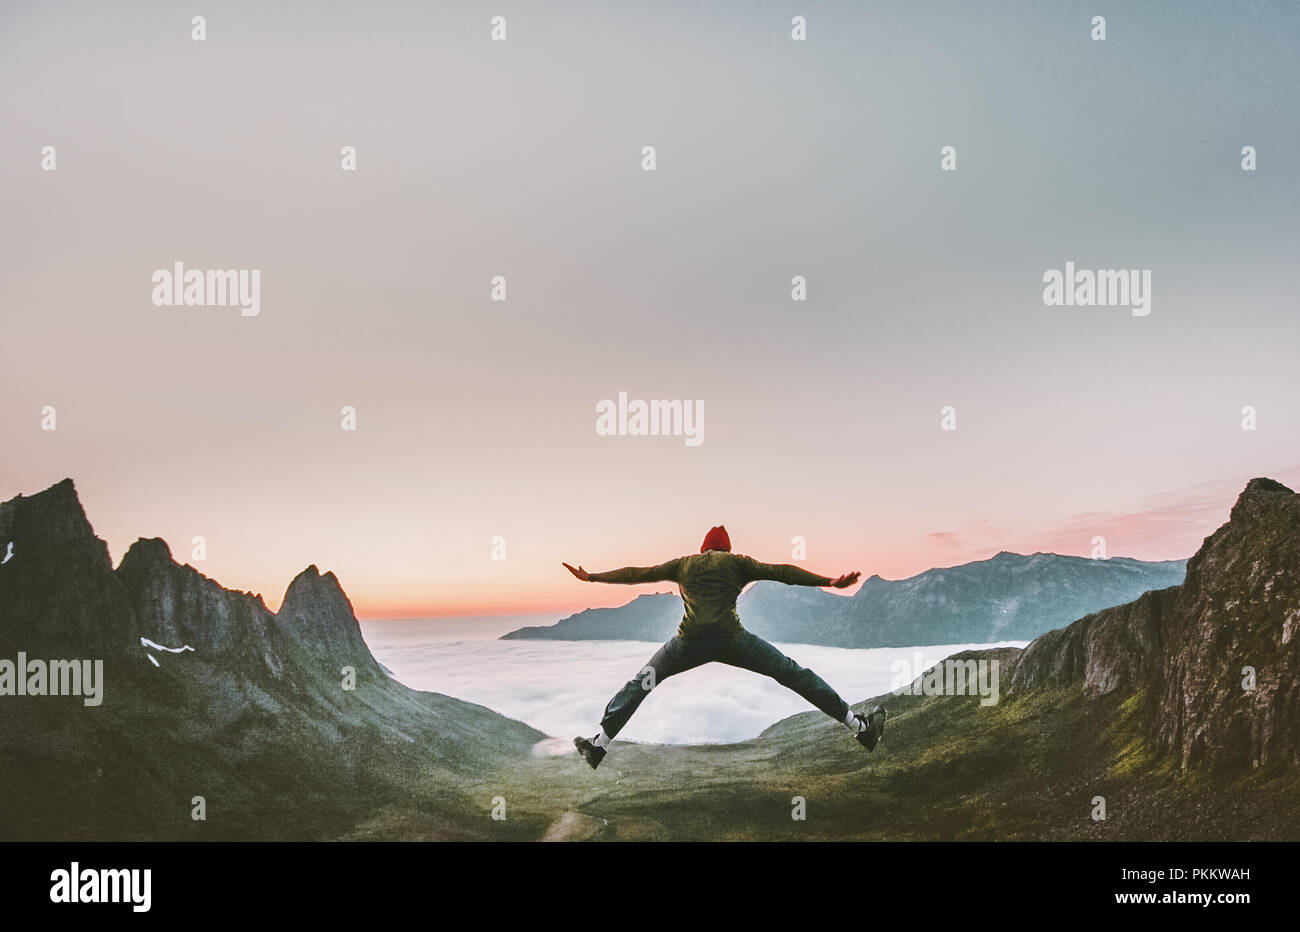 Glückliche Menschen springen in Bergen Urlaub Outdoor Reisen Lifestyle adventure Concept Active erfolg Motivation und Spaß Euphorie Emotionen Stockbild